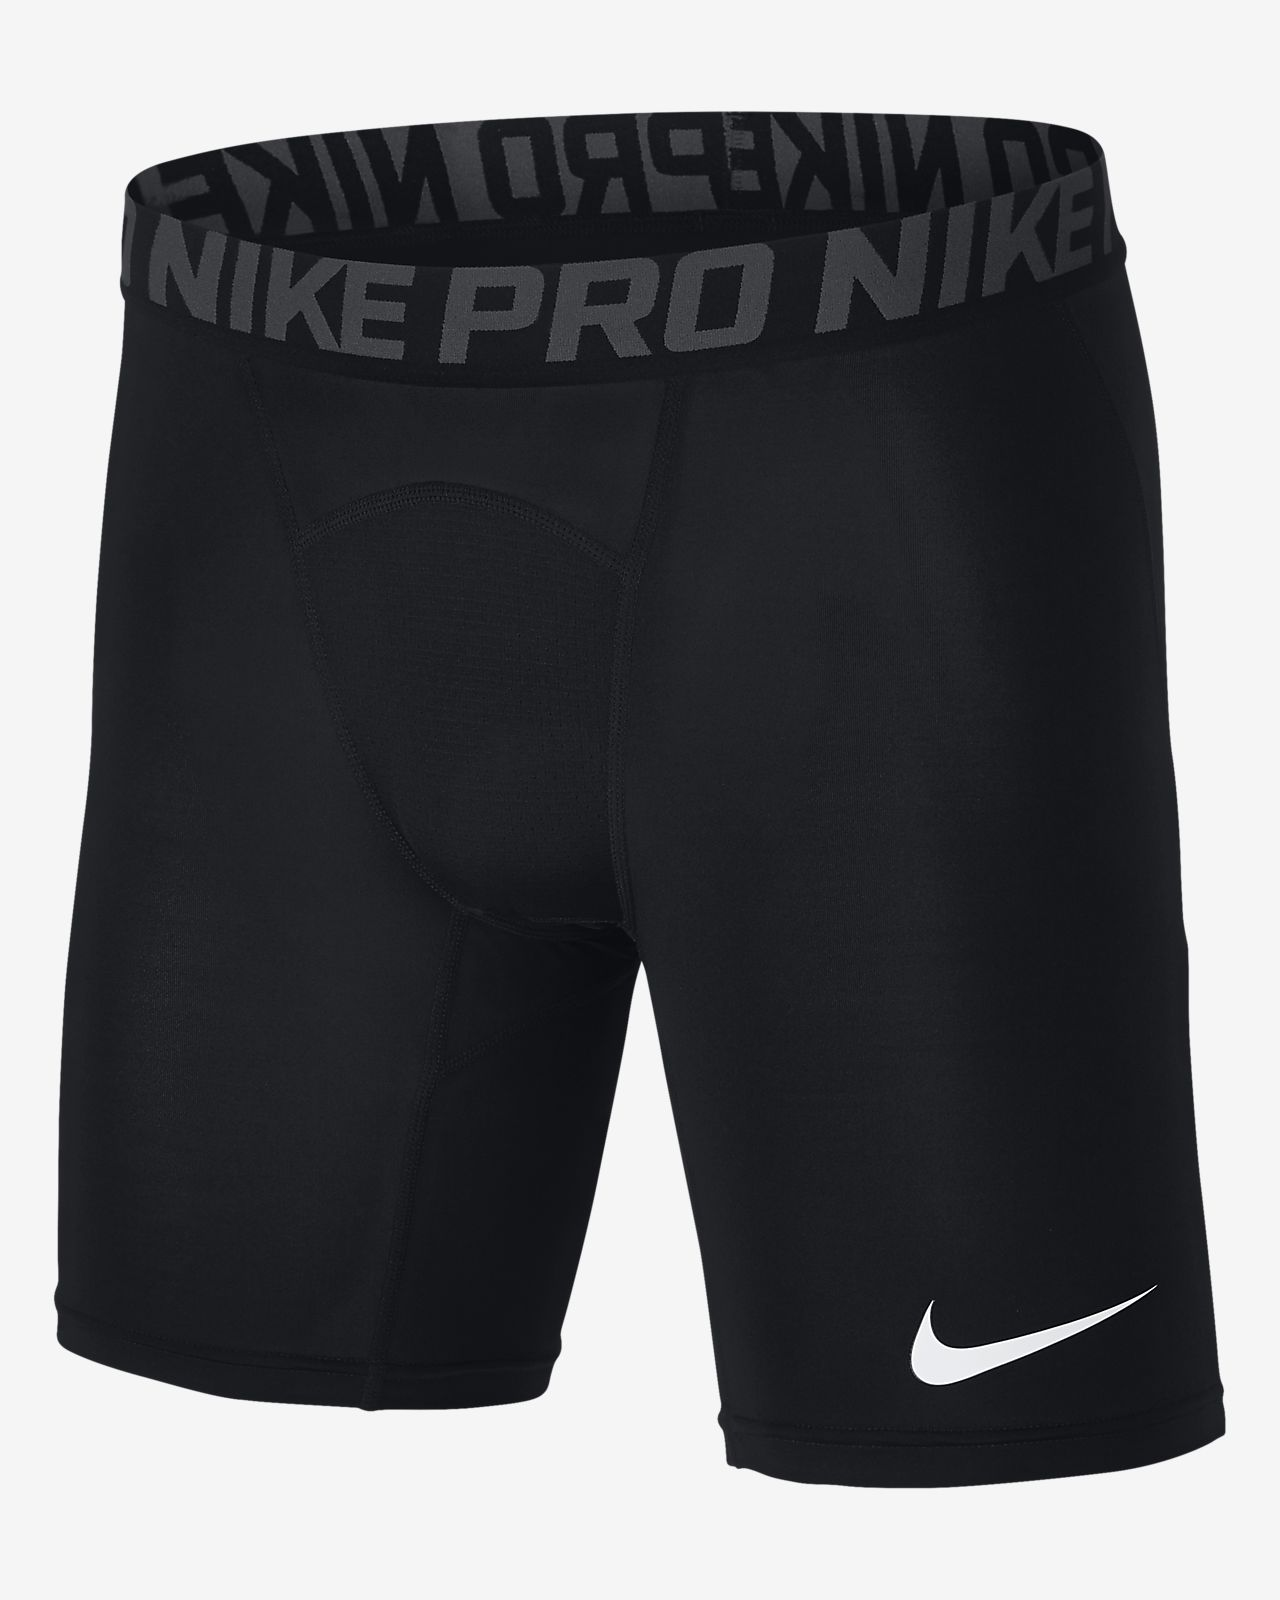 ナイキ プロ メンズ 15cm トレーニングショートパンツ